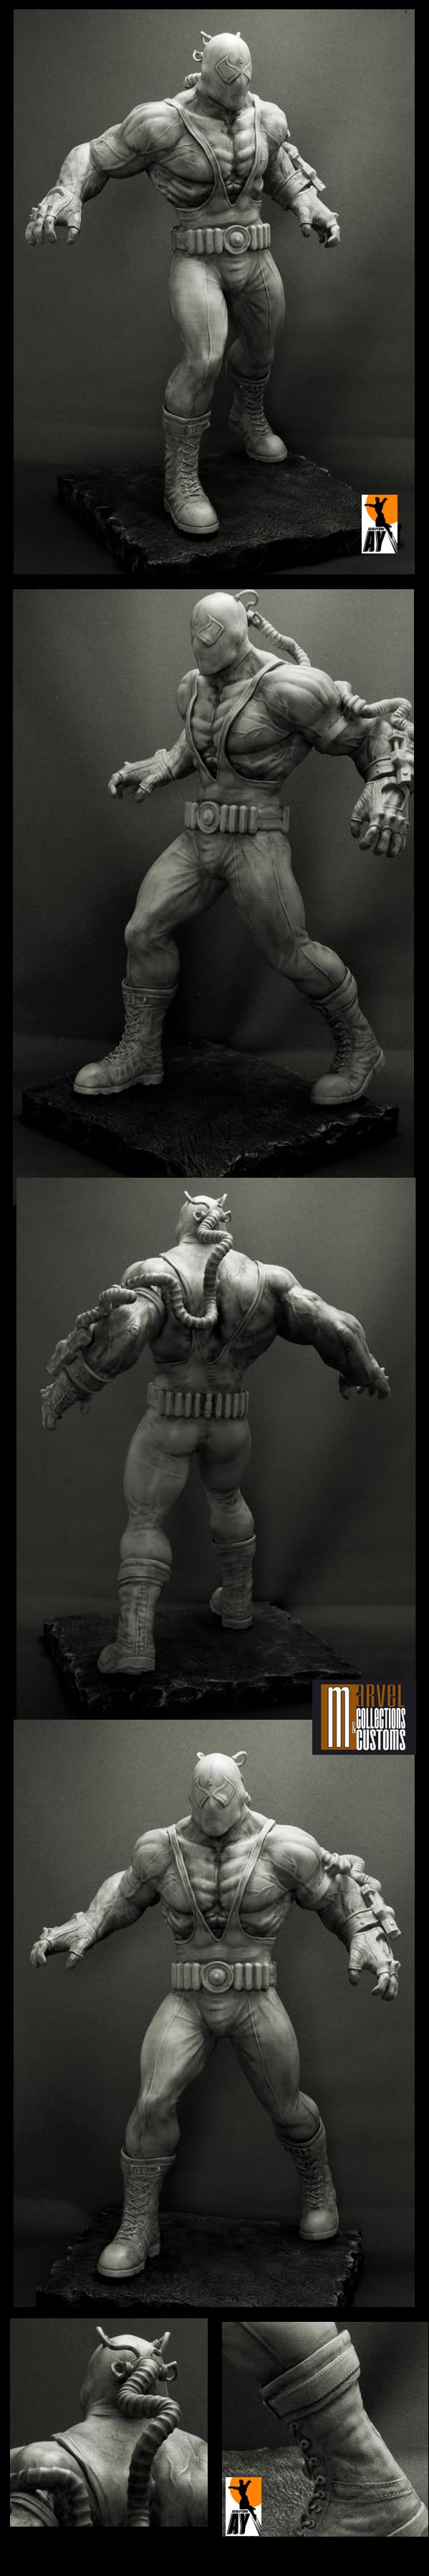 Les travaux de AY sculpture Bane_Ay_sculpture